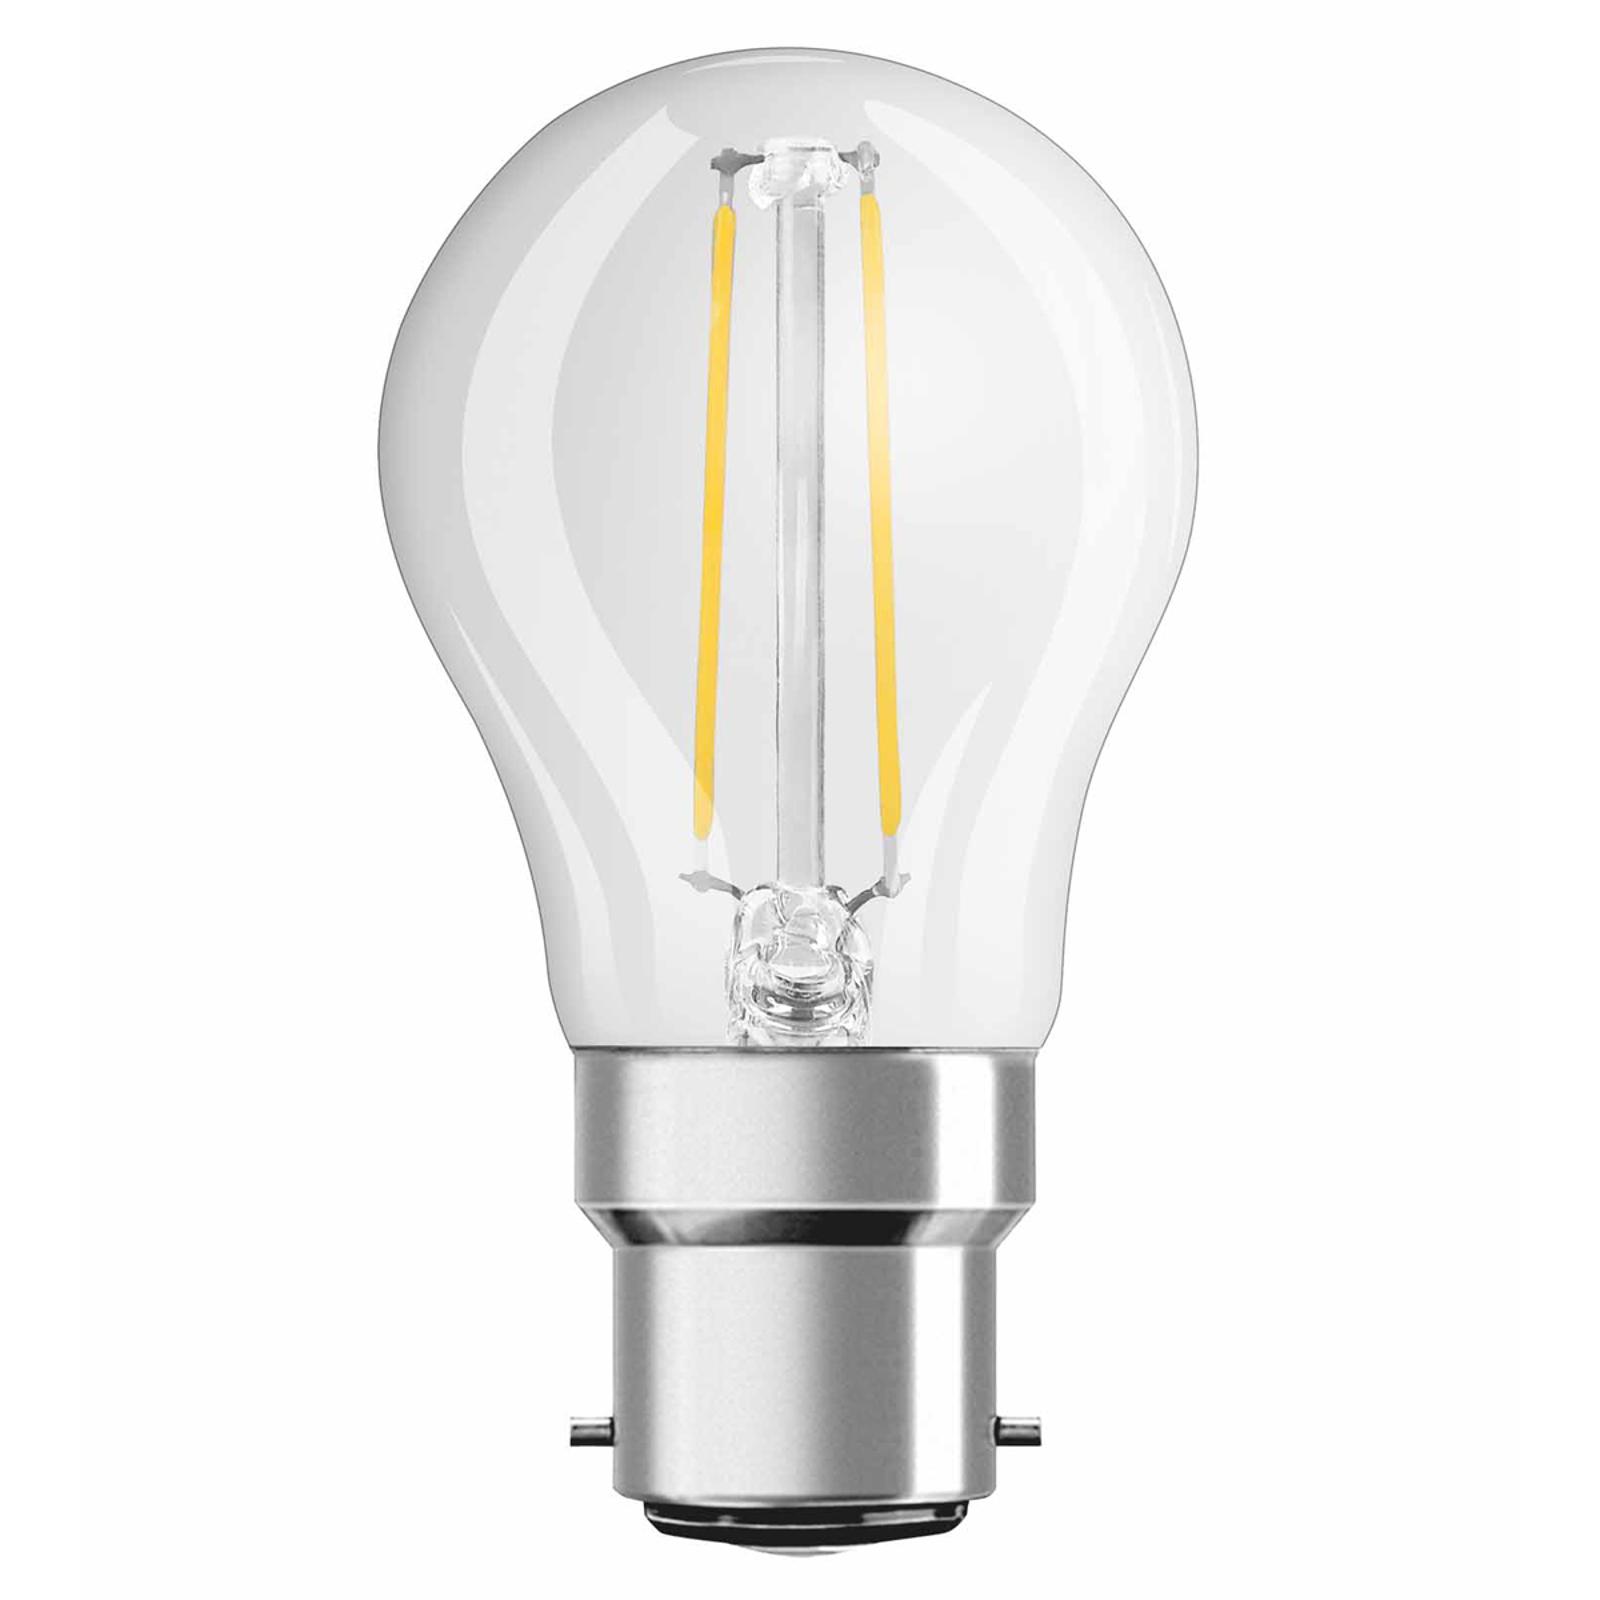 LED-Lampe B22 2,5W 827 Filament